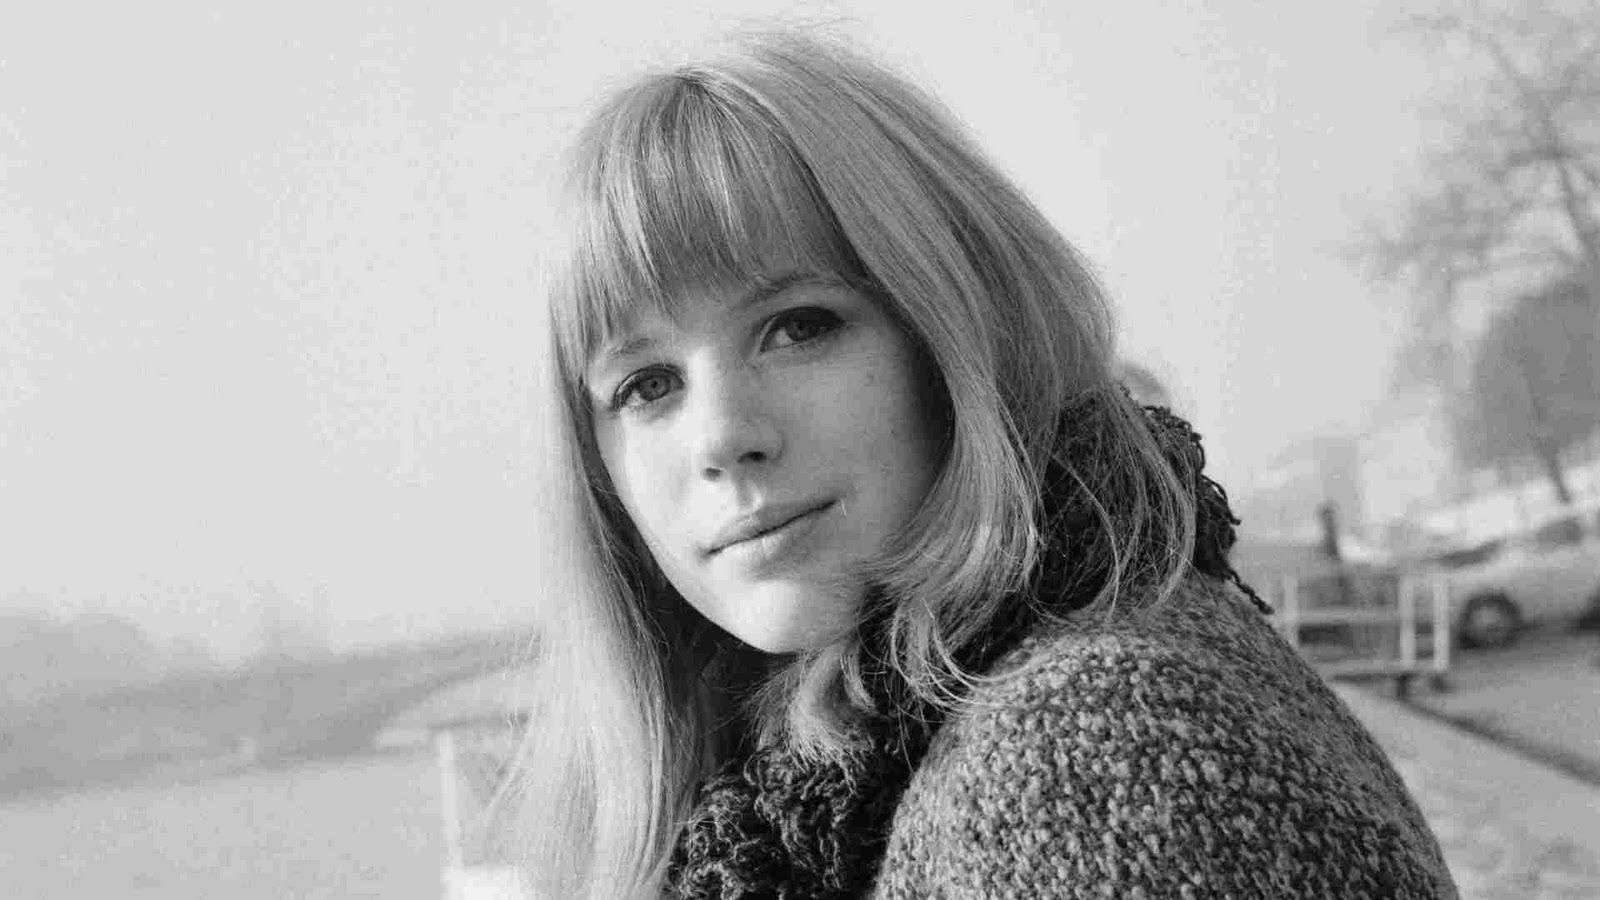 Marianne Faithfull (born 1946)